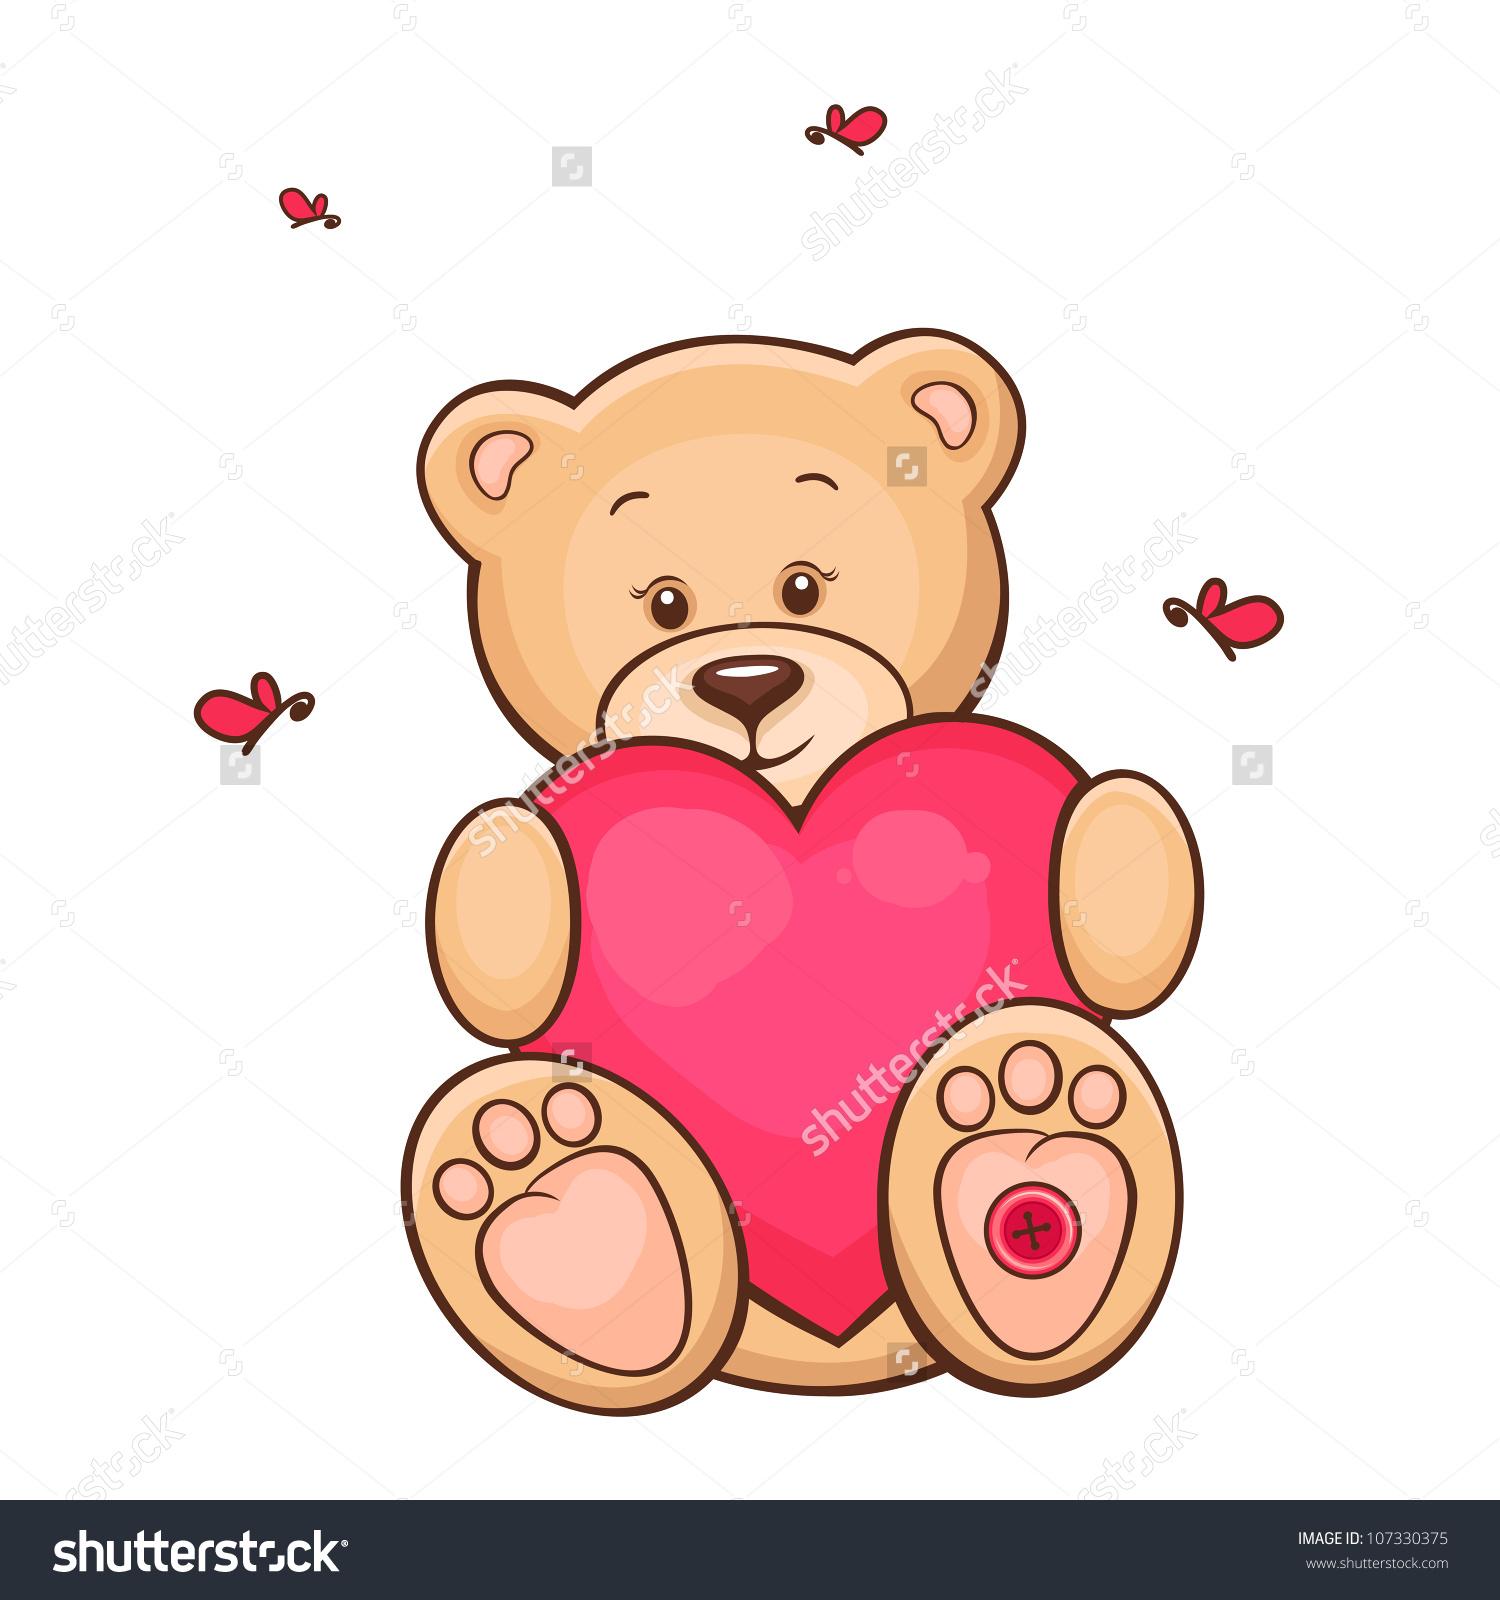 1500x1600 Cute Teddy Bear Drawing Drawn Teddy Bear Heart Drawing